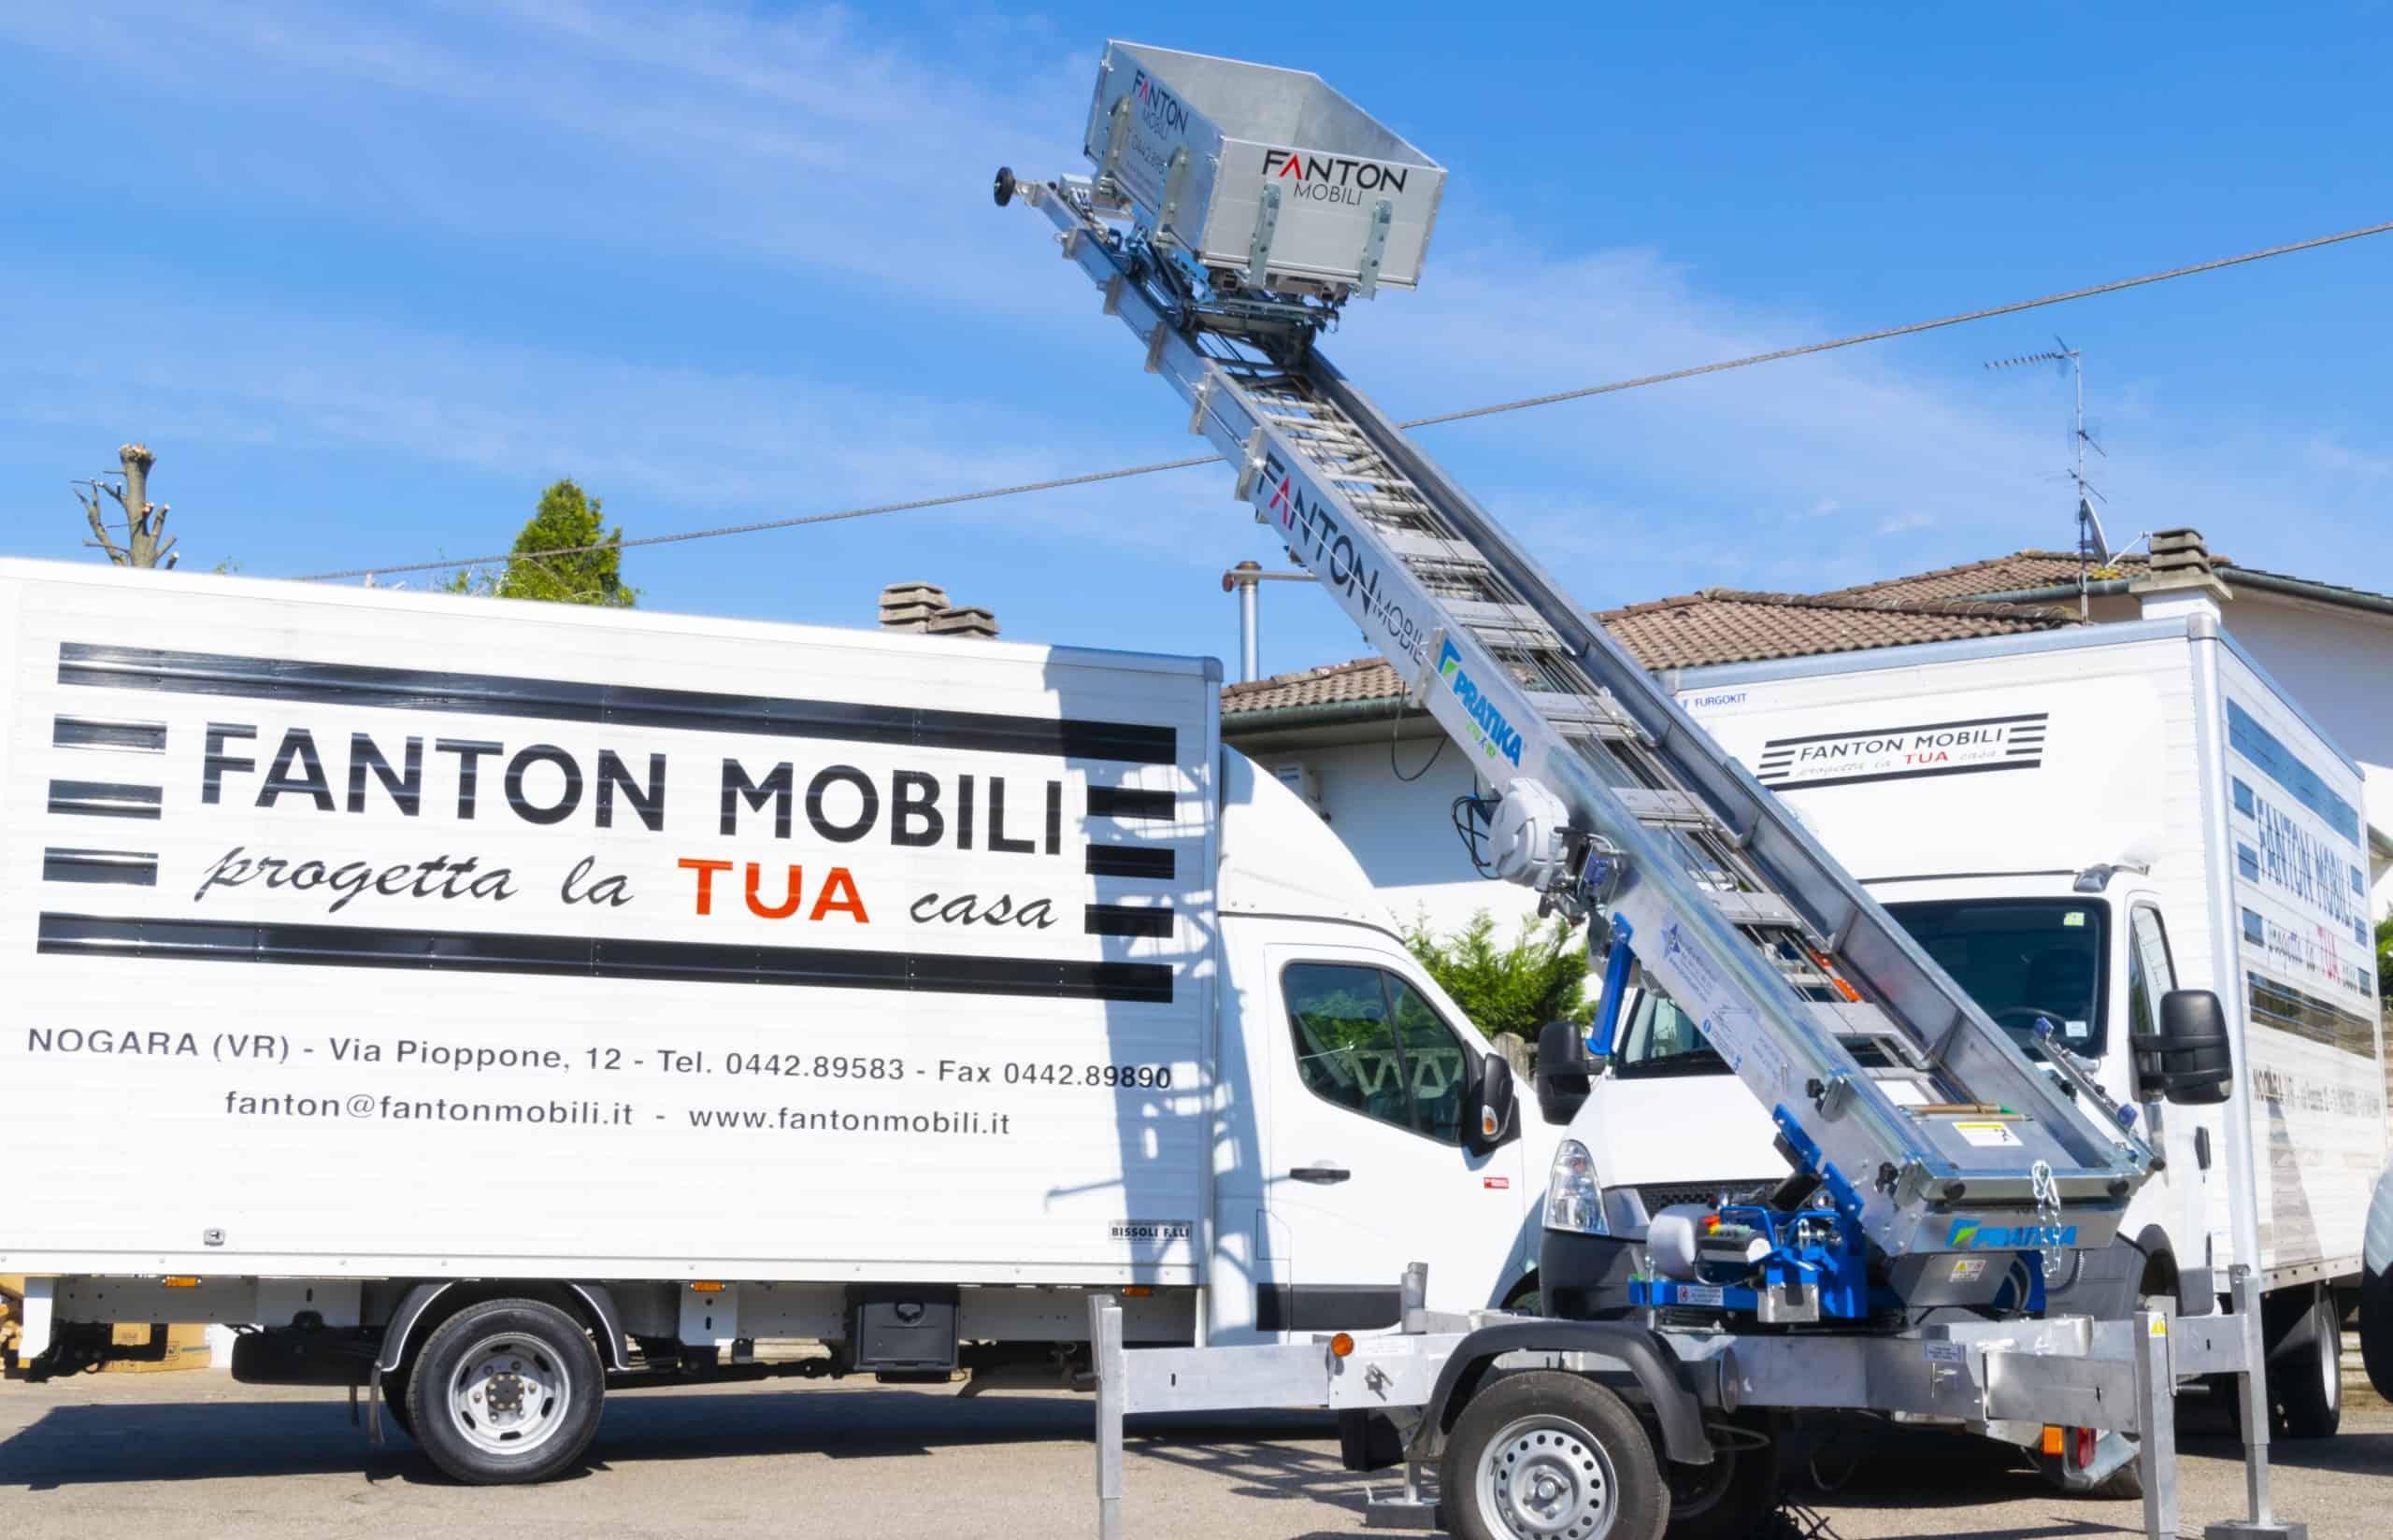 fanton mobili trasporto mobili